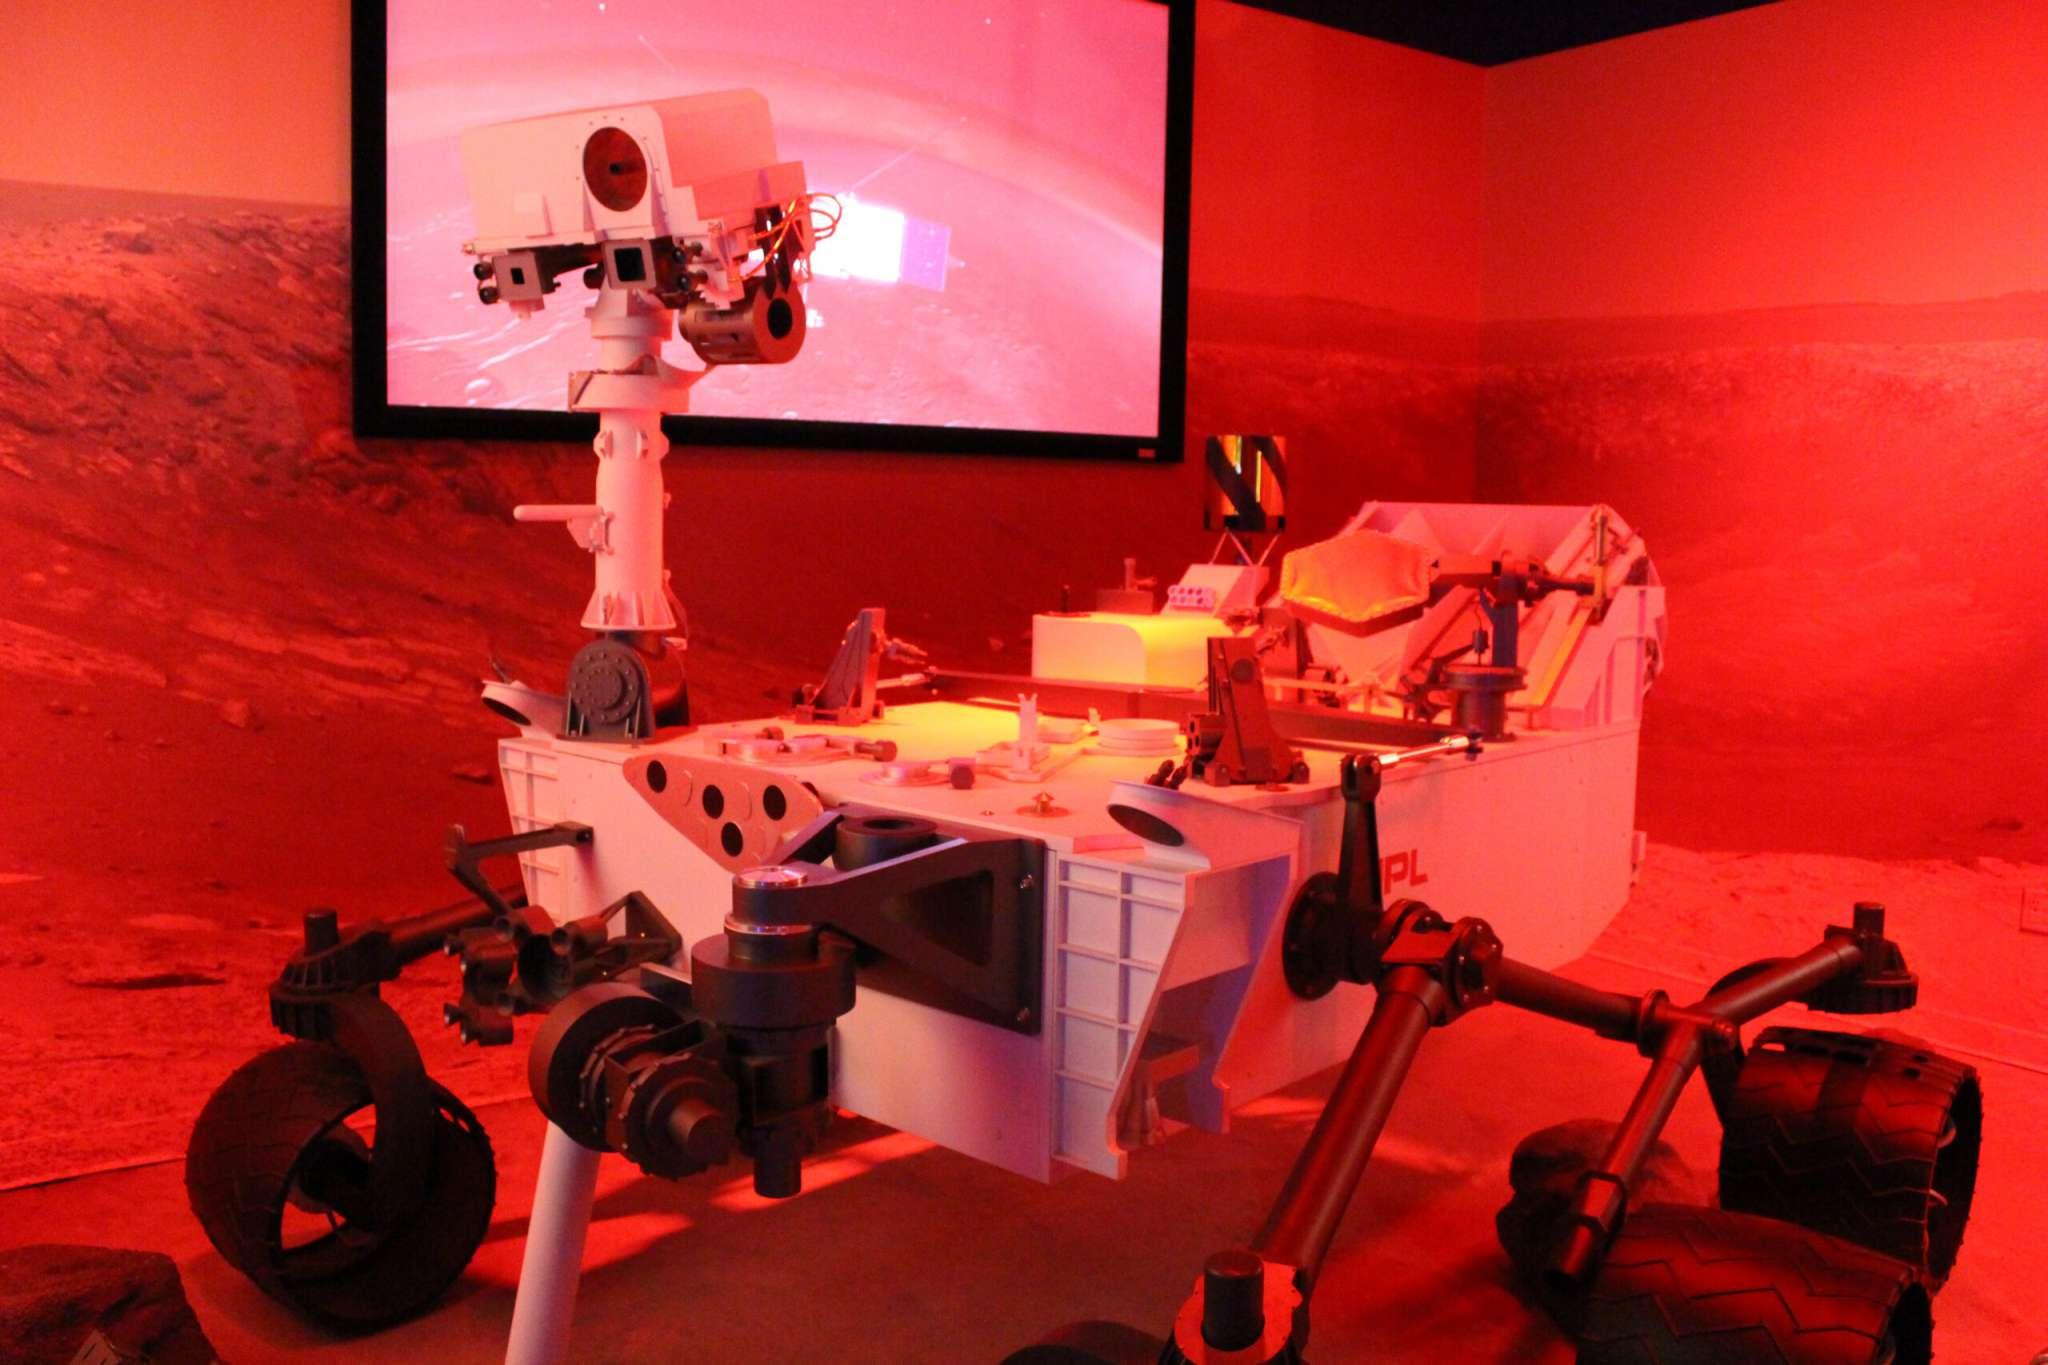 Info Shymkent - NASA Mars rover Curiosity